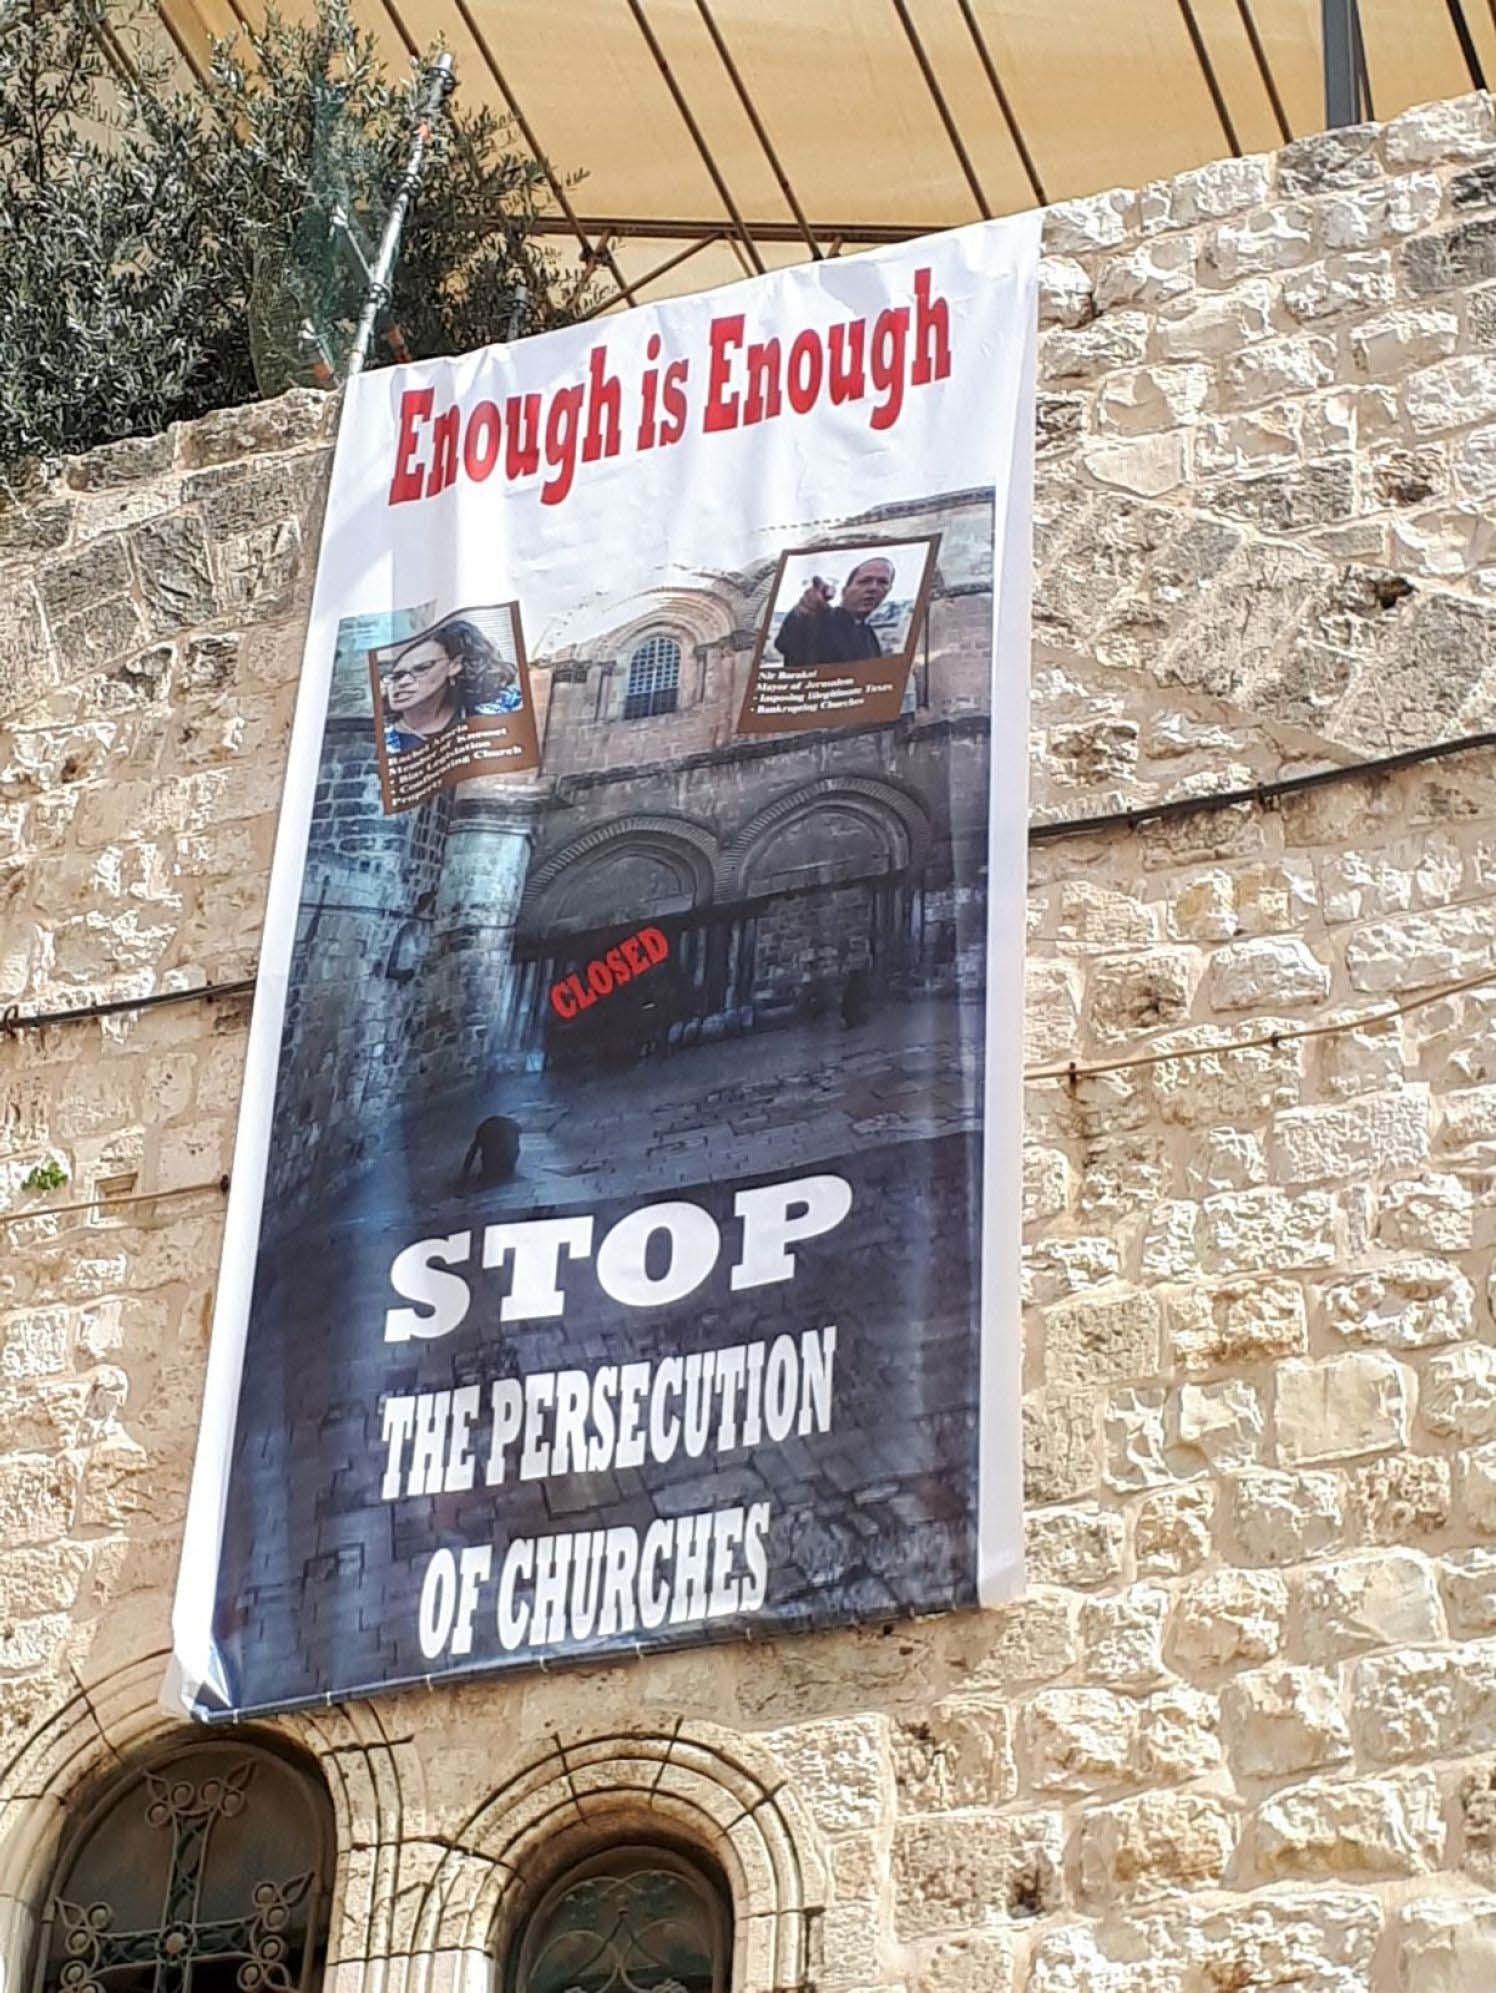 Ιερουσαλήμ: Έκλεισε ο Ναός της Αναστάσεως στην Ιερουσαλήμ λόγω των ισραηλινών φορολογικών μέτρων